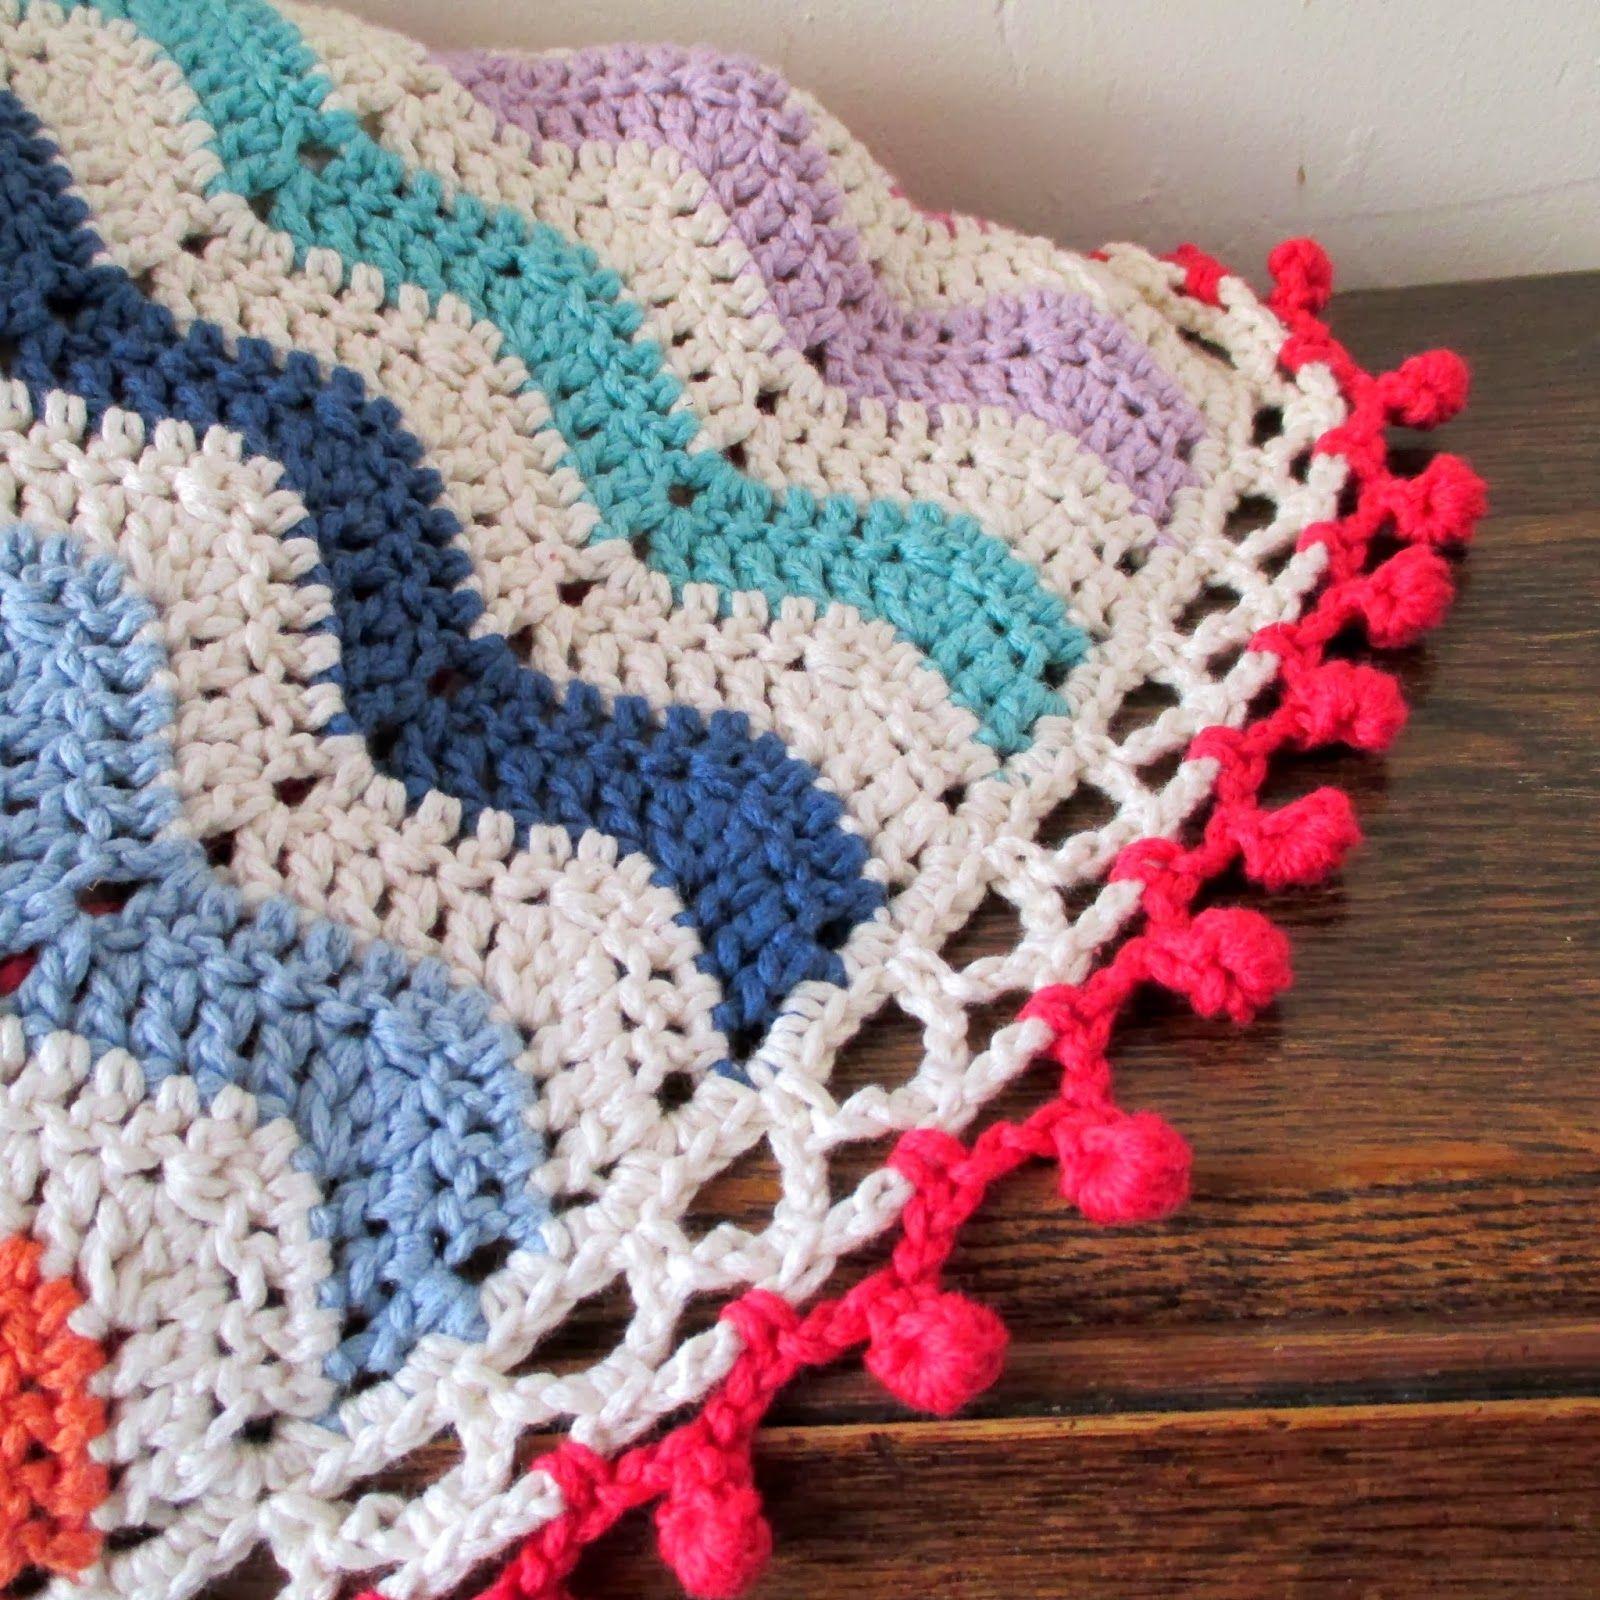 Crochet ripple blanket with bobble edging crochet projects crochet ripple blanket with bobble edging bankloansurffo Images